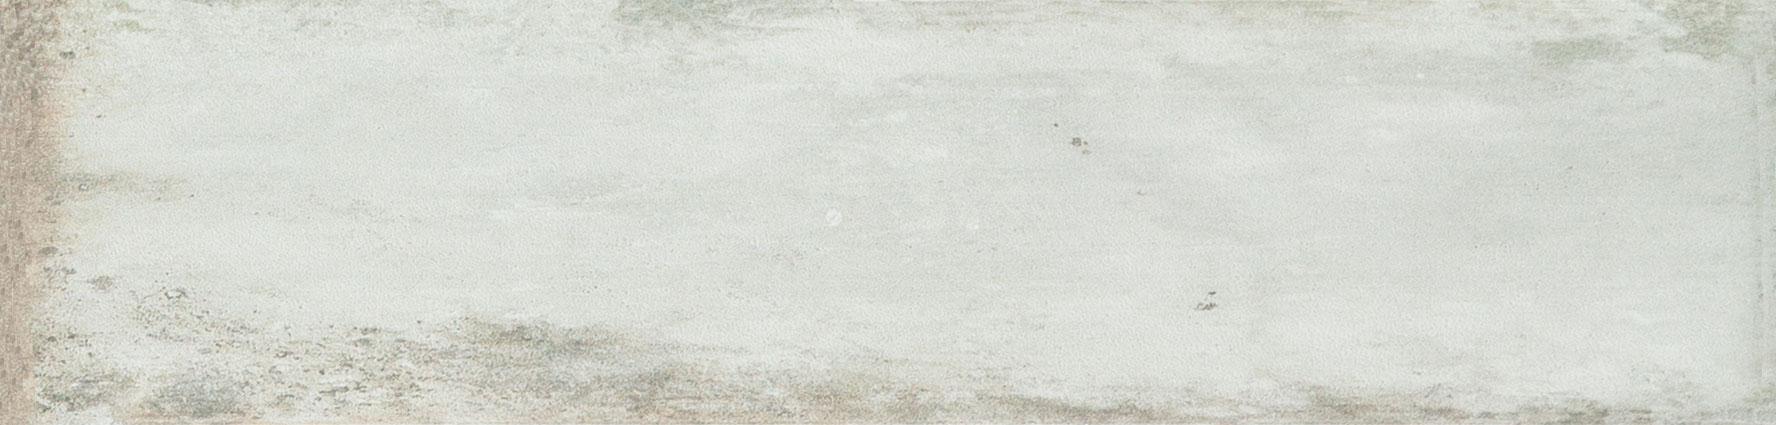 MEDLEY Fliesen Little Cement grey Image